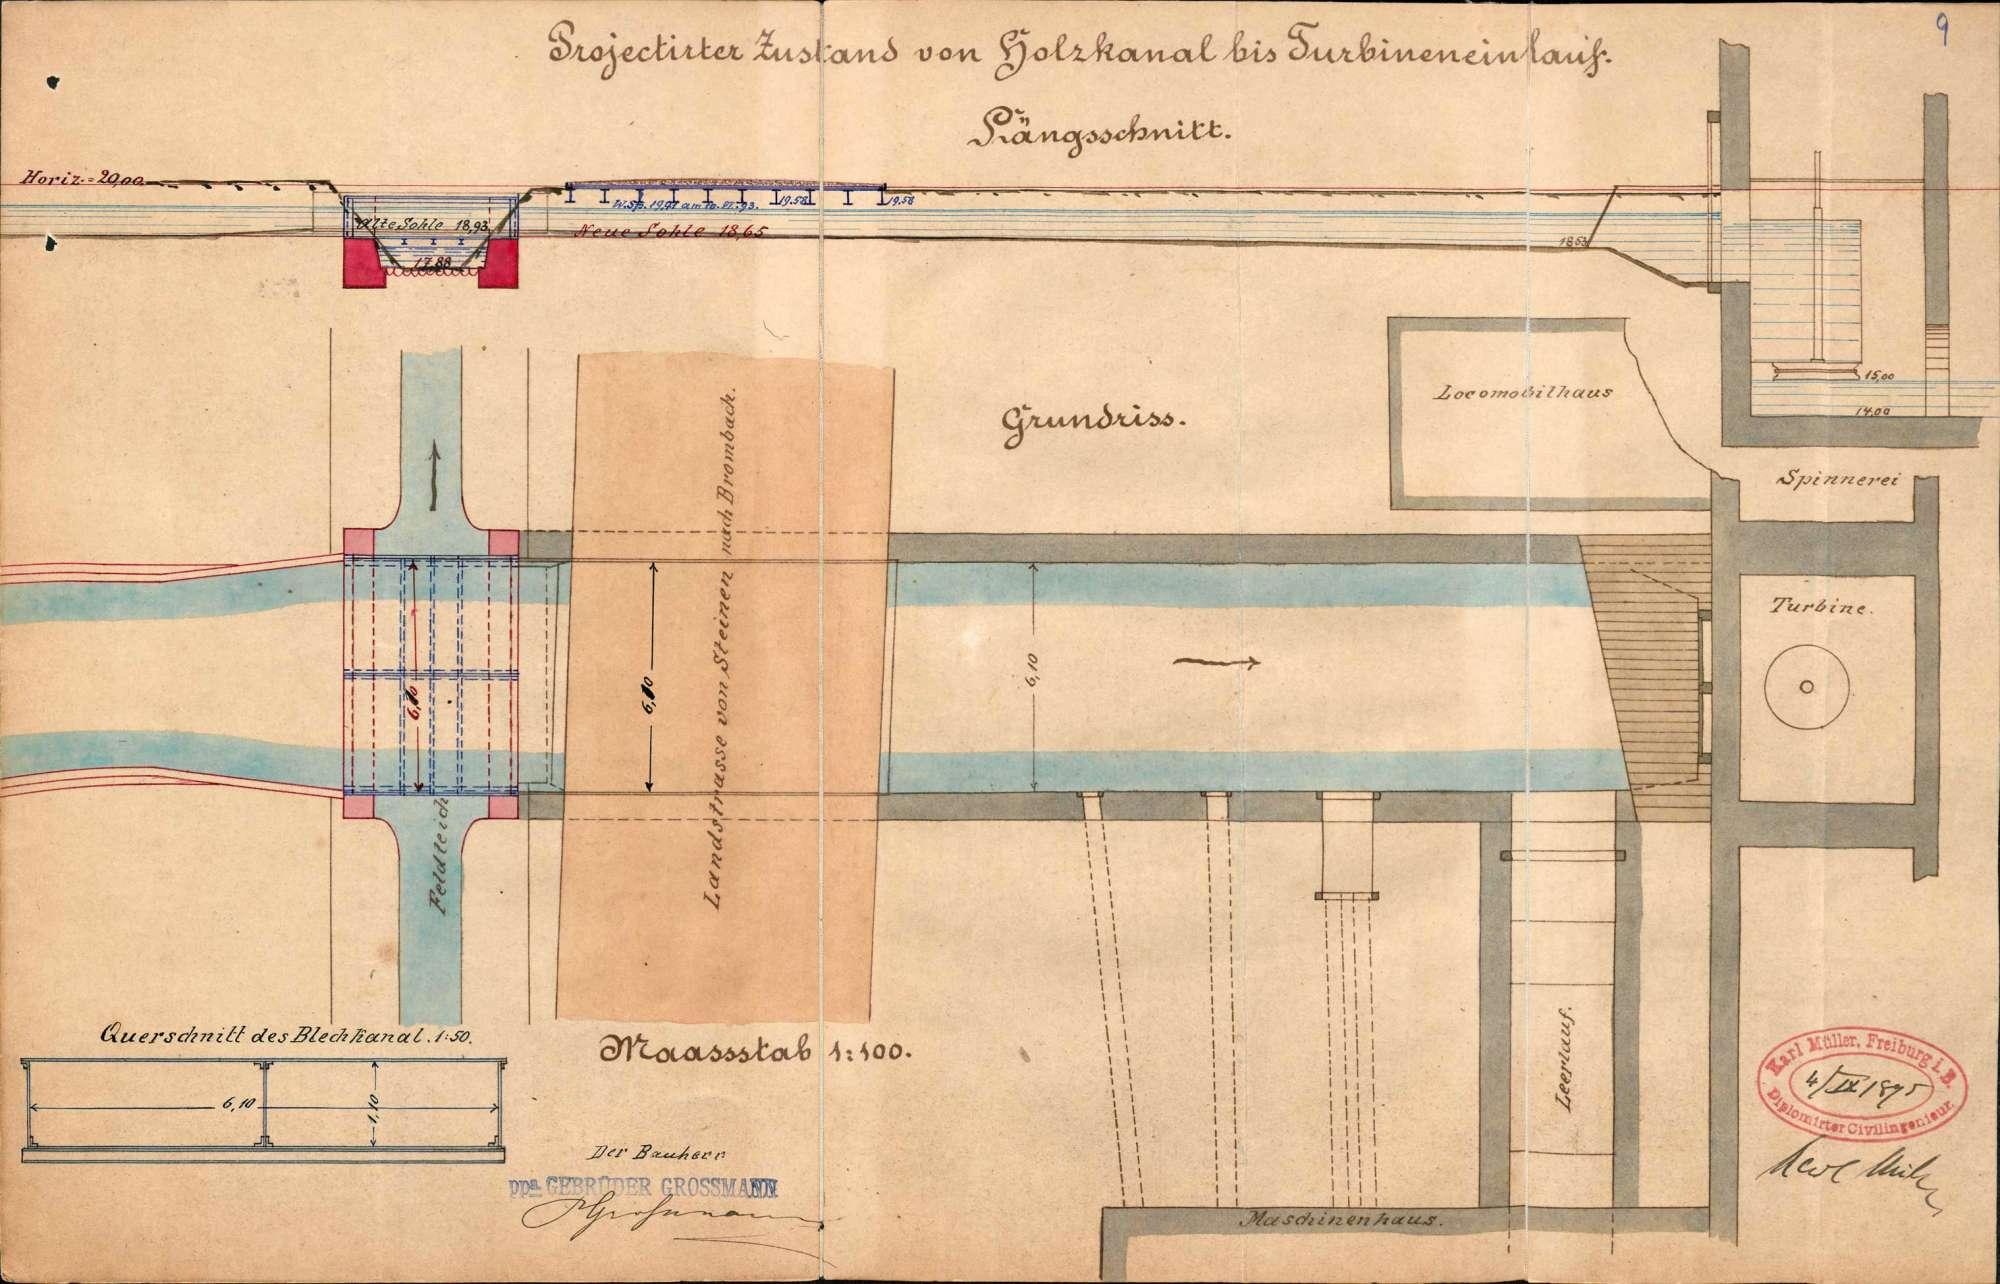 Umbau der Straßenbrücke oberhalb der Fabrik der Gebrüder Großmann auf Gemarkung Brombach; Anlage eines eisernen Kanals über dem Lörracher Feldteich, Bild 2